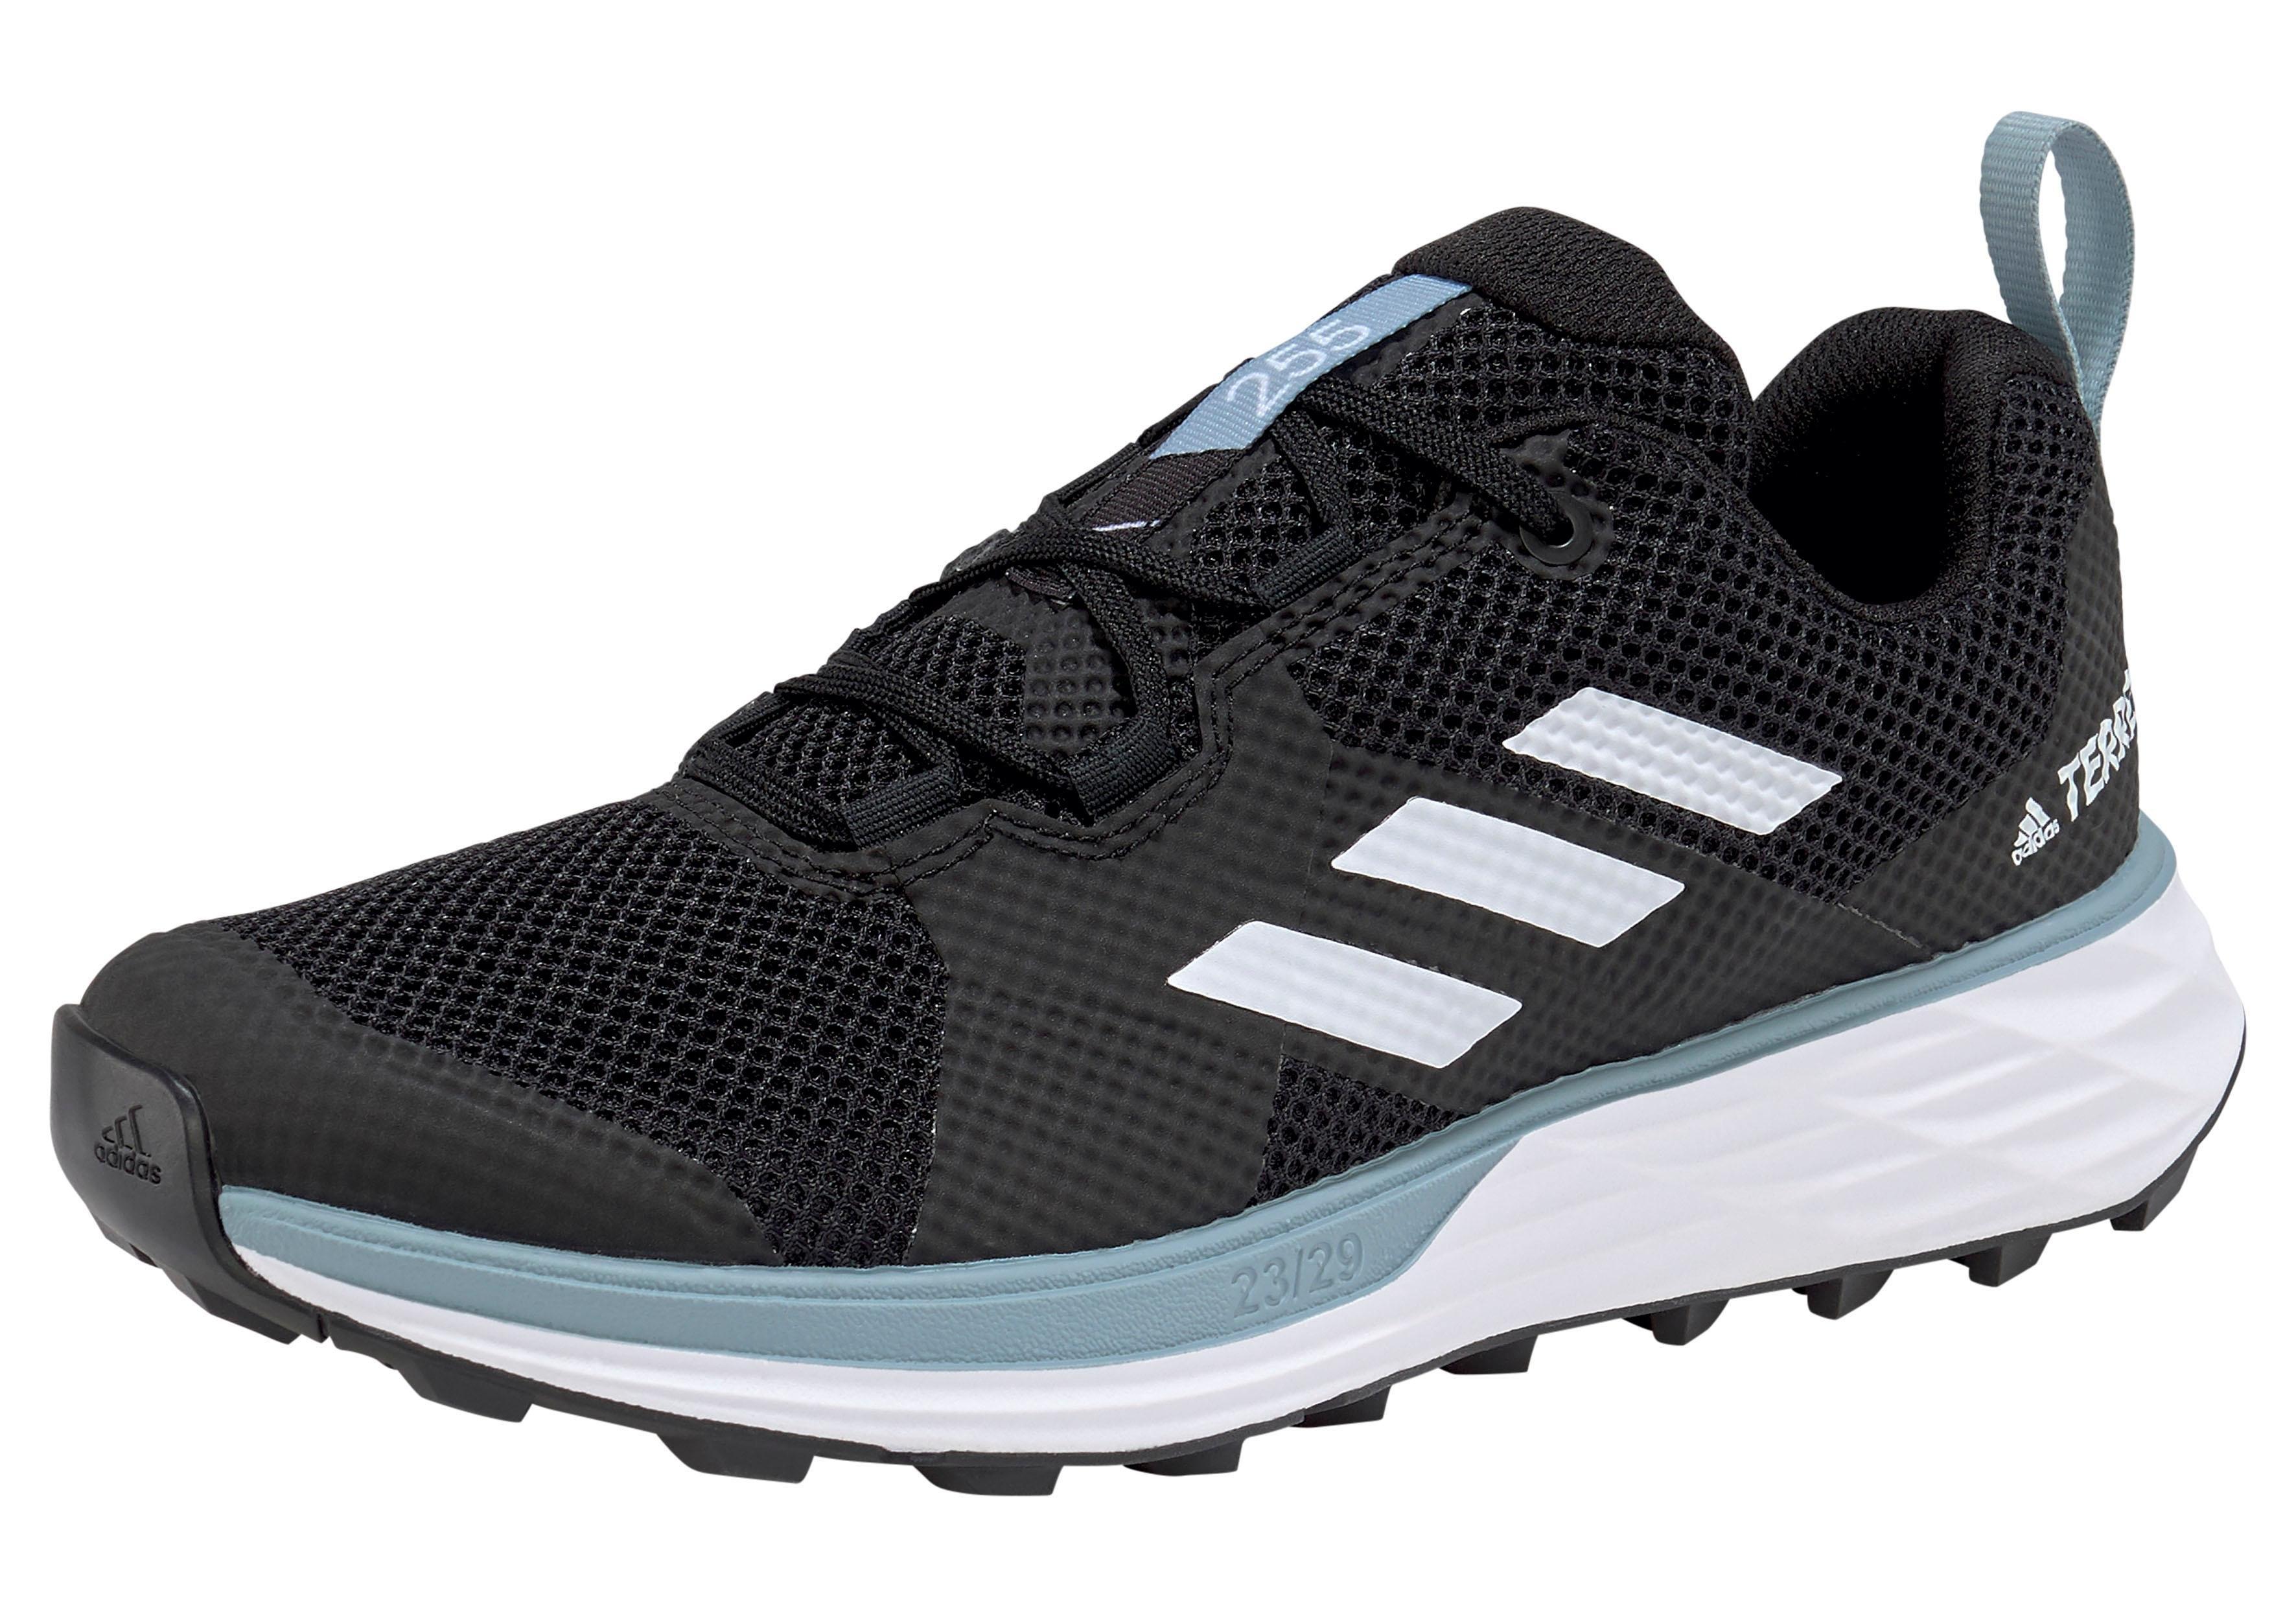 Adidas Terrex runningschoenen »TWO W« bestellen: 30 dagen bedenktijd